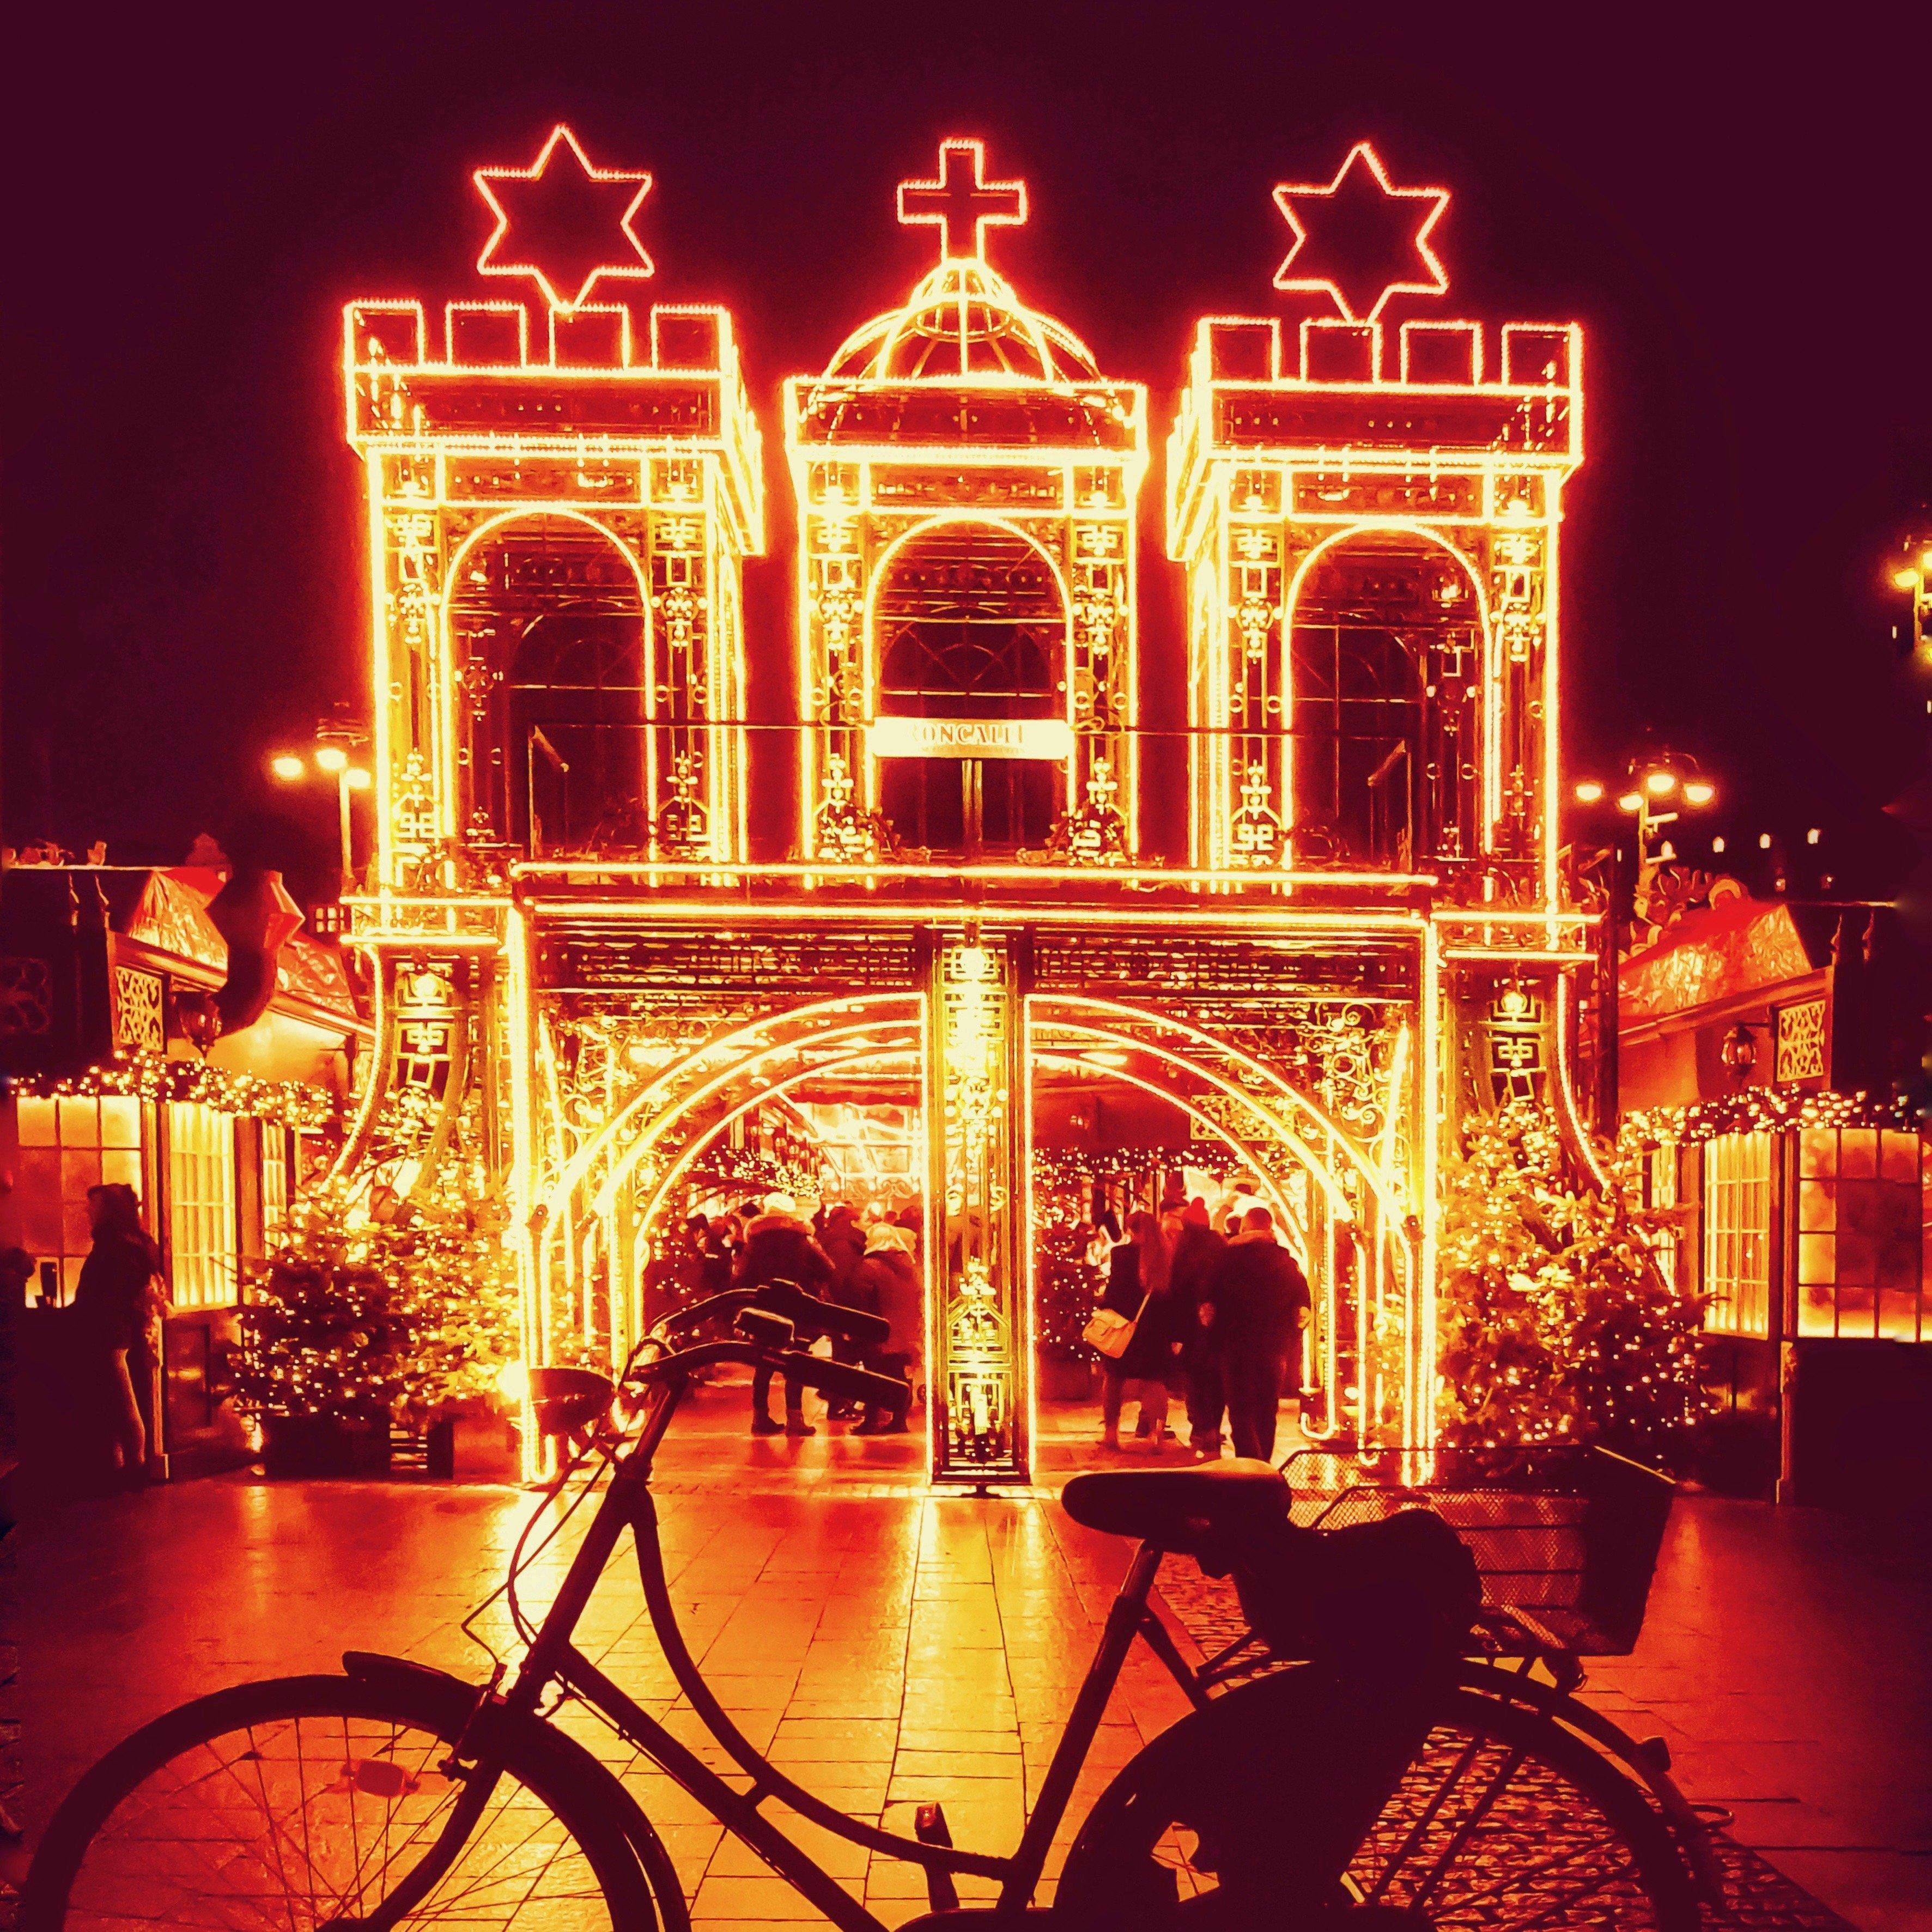 Mit Diesen Weihnachtlichen Fakten über Hamburg Kann Man Am Glühwein-Stand Glänzen!